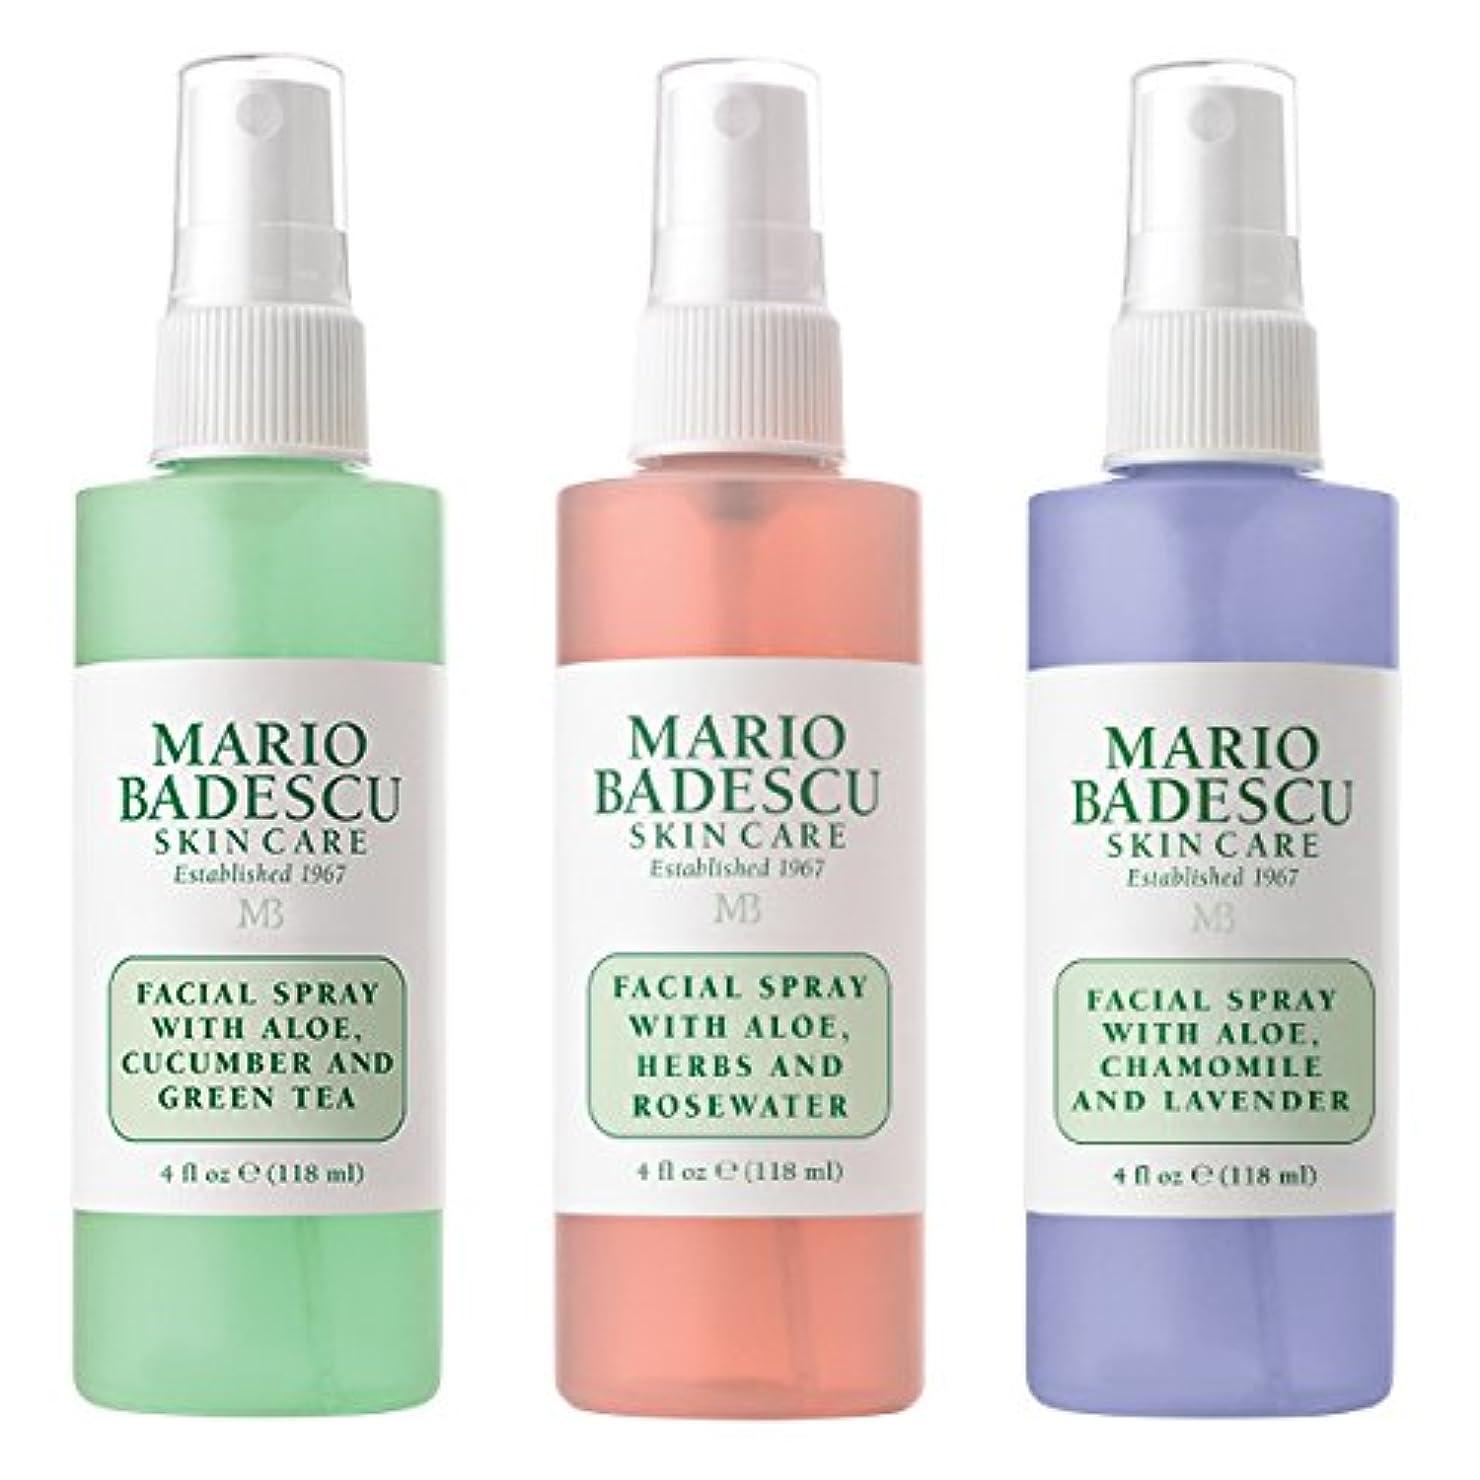 退院溶かす娘Mario Badescu Facial Spray with Aloe, Herbs and Rosewater, 4 oz.